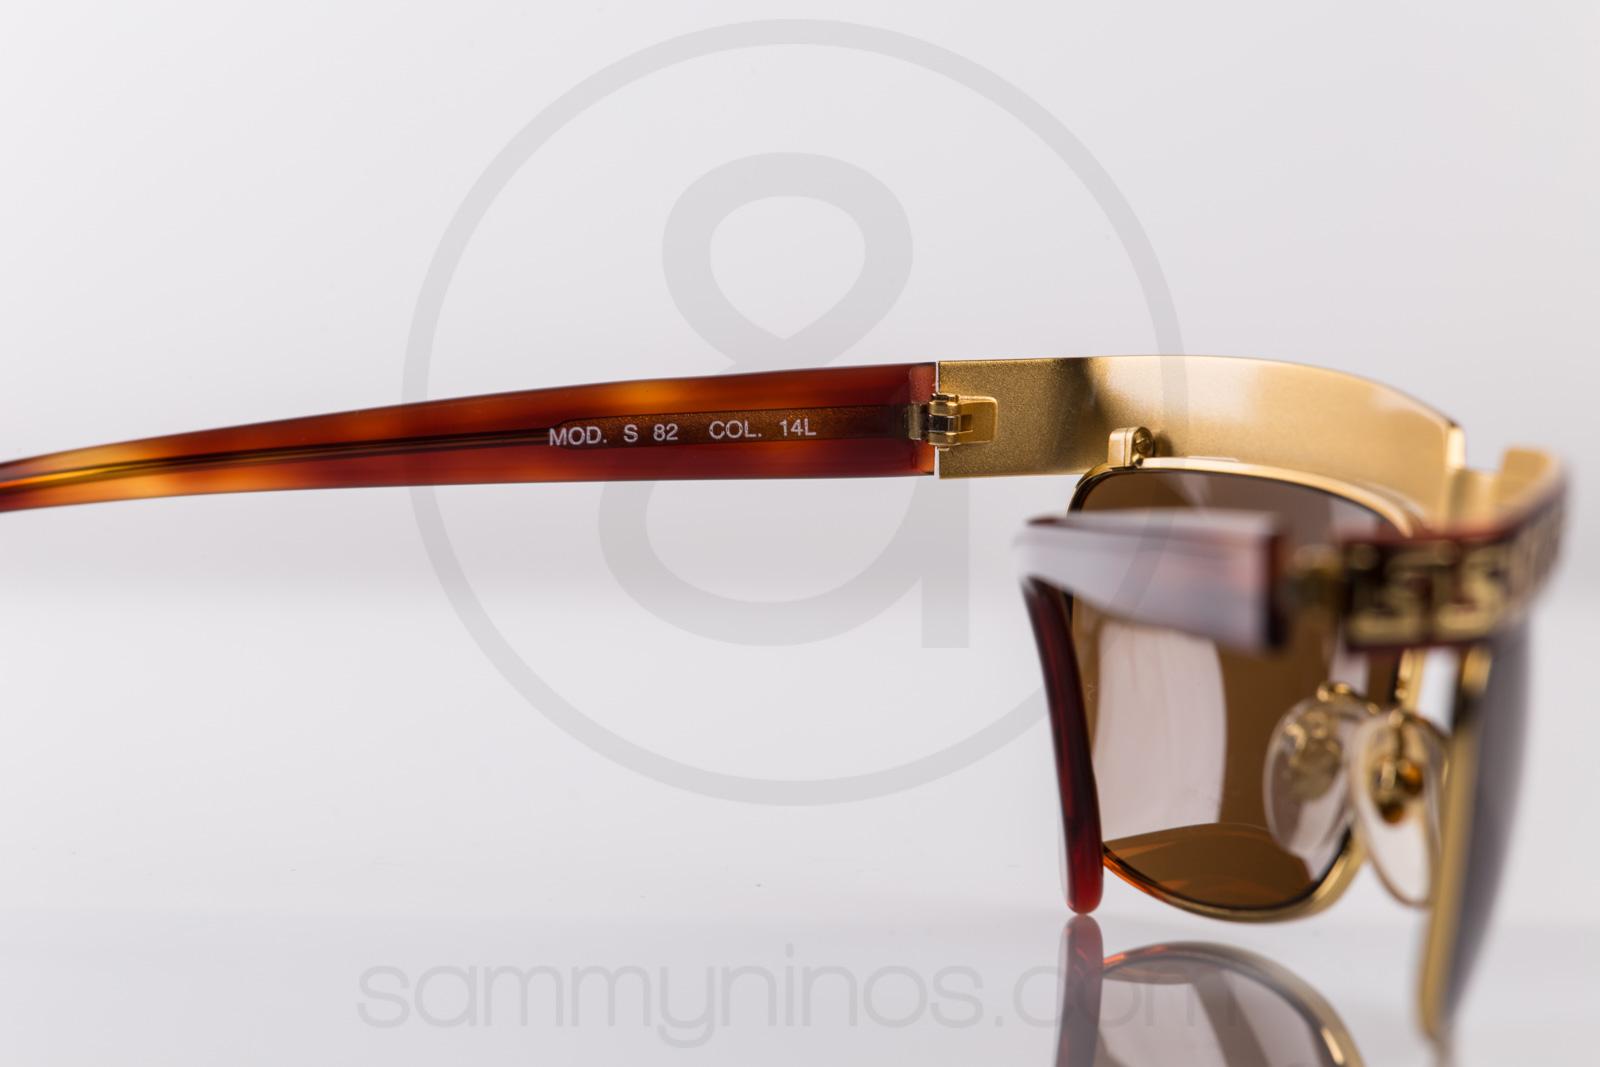 Gianni Versace S82 – Sammy & Nino\'s Store